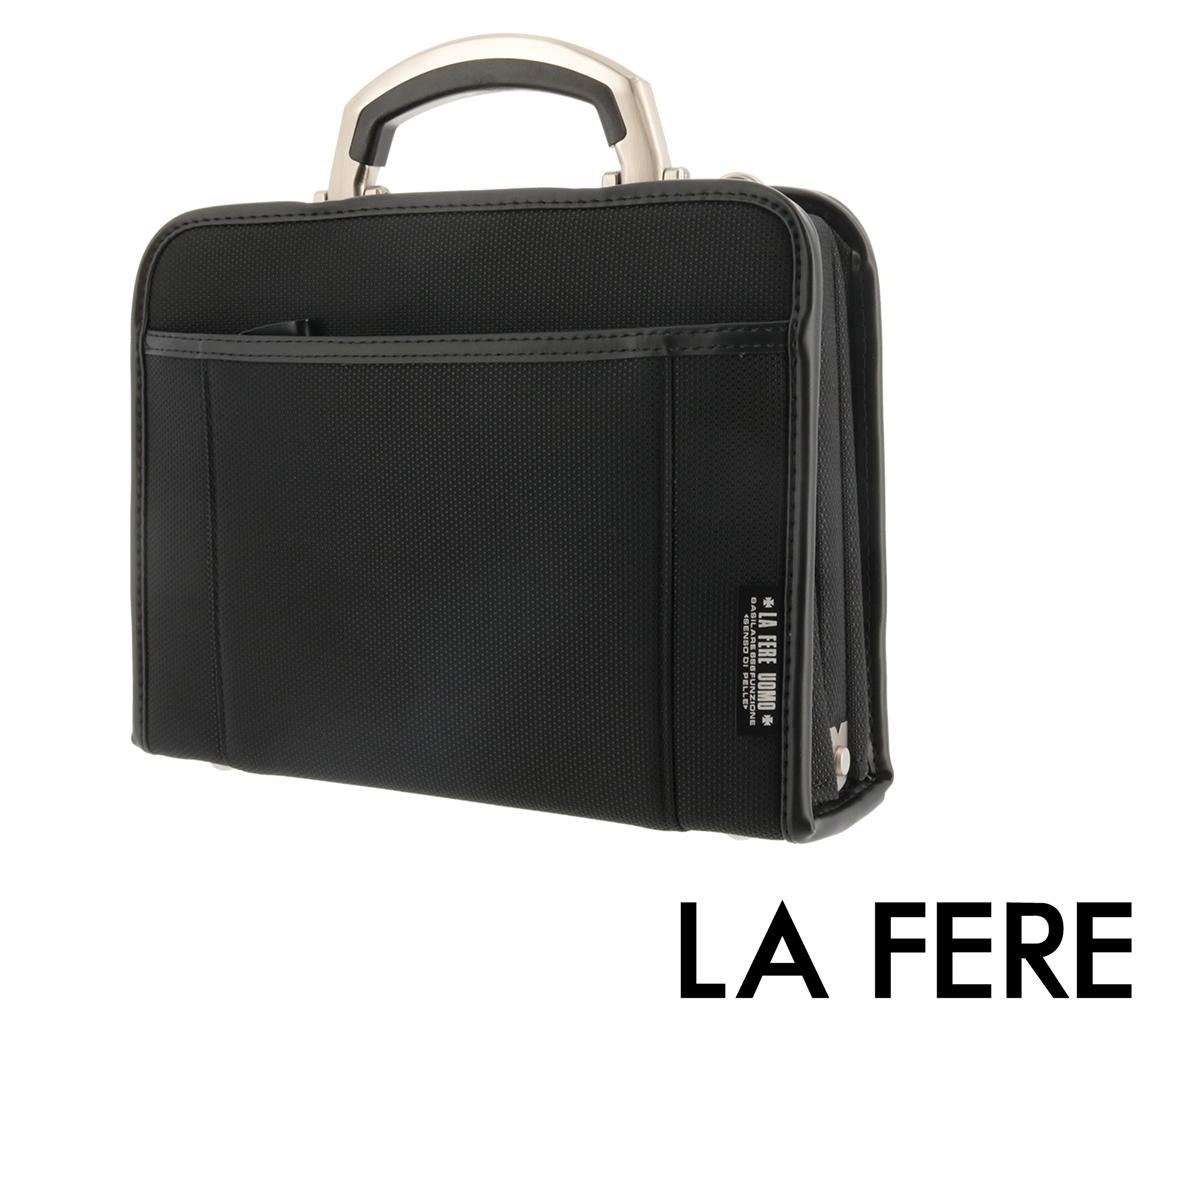 青木鞄 ラフェール セカンドバッグ オプス 6723 | LA FERE ビジネスバッグ メンズ 日本製 ナイロン[PO10][bef]